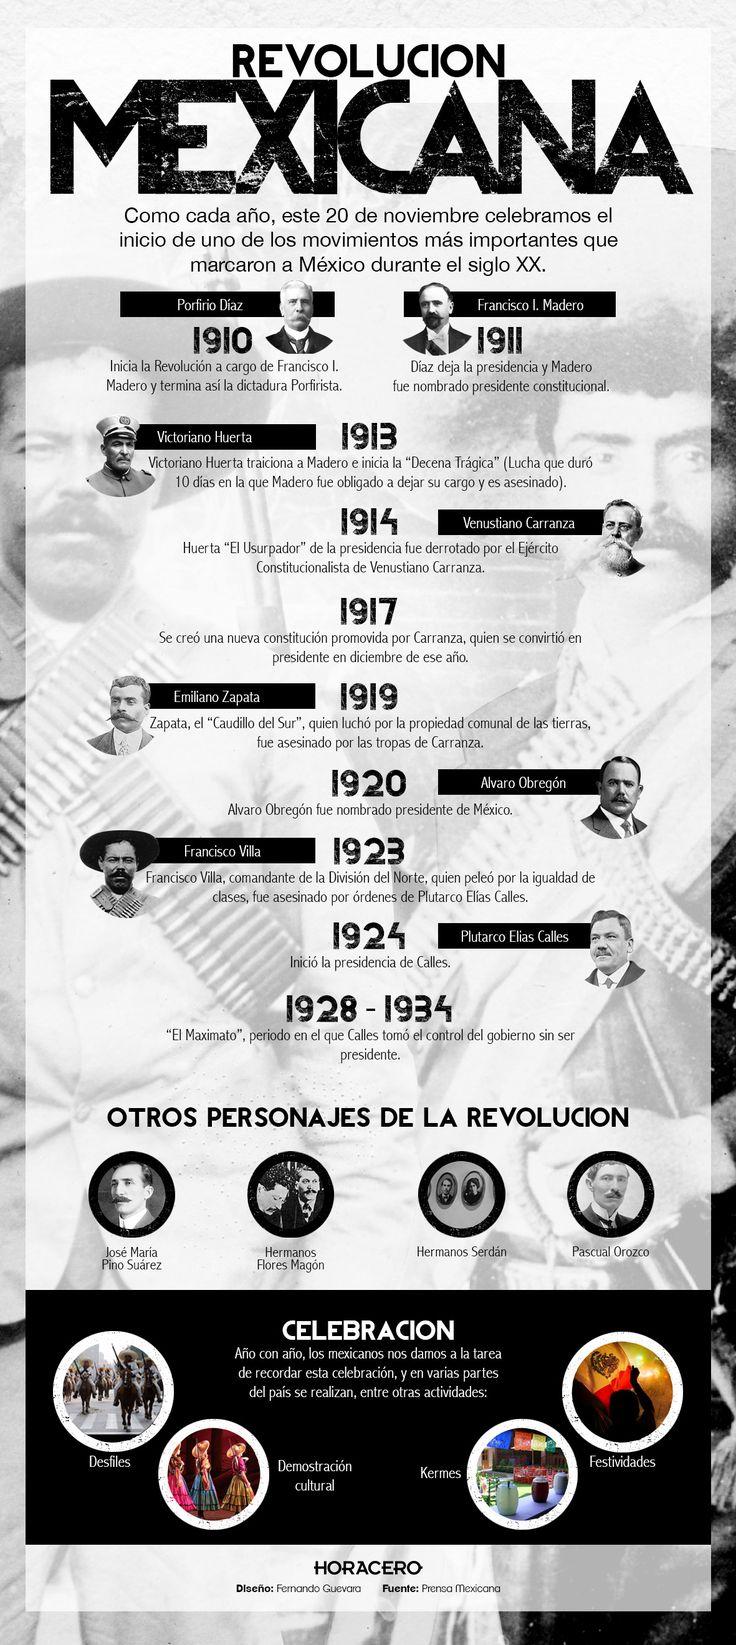 Cada año, el 20 de noviembre celebramos el inicio de uno de los movimientos más importantes que marcó a México durante el siglo XX, la Revolución Mexicana